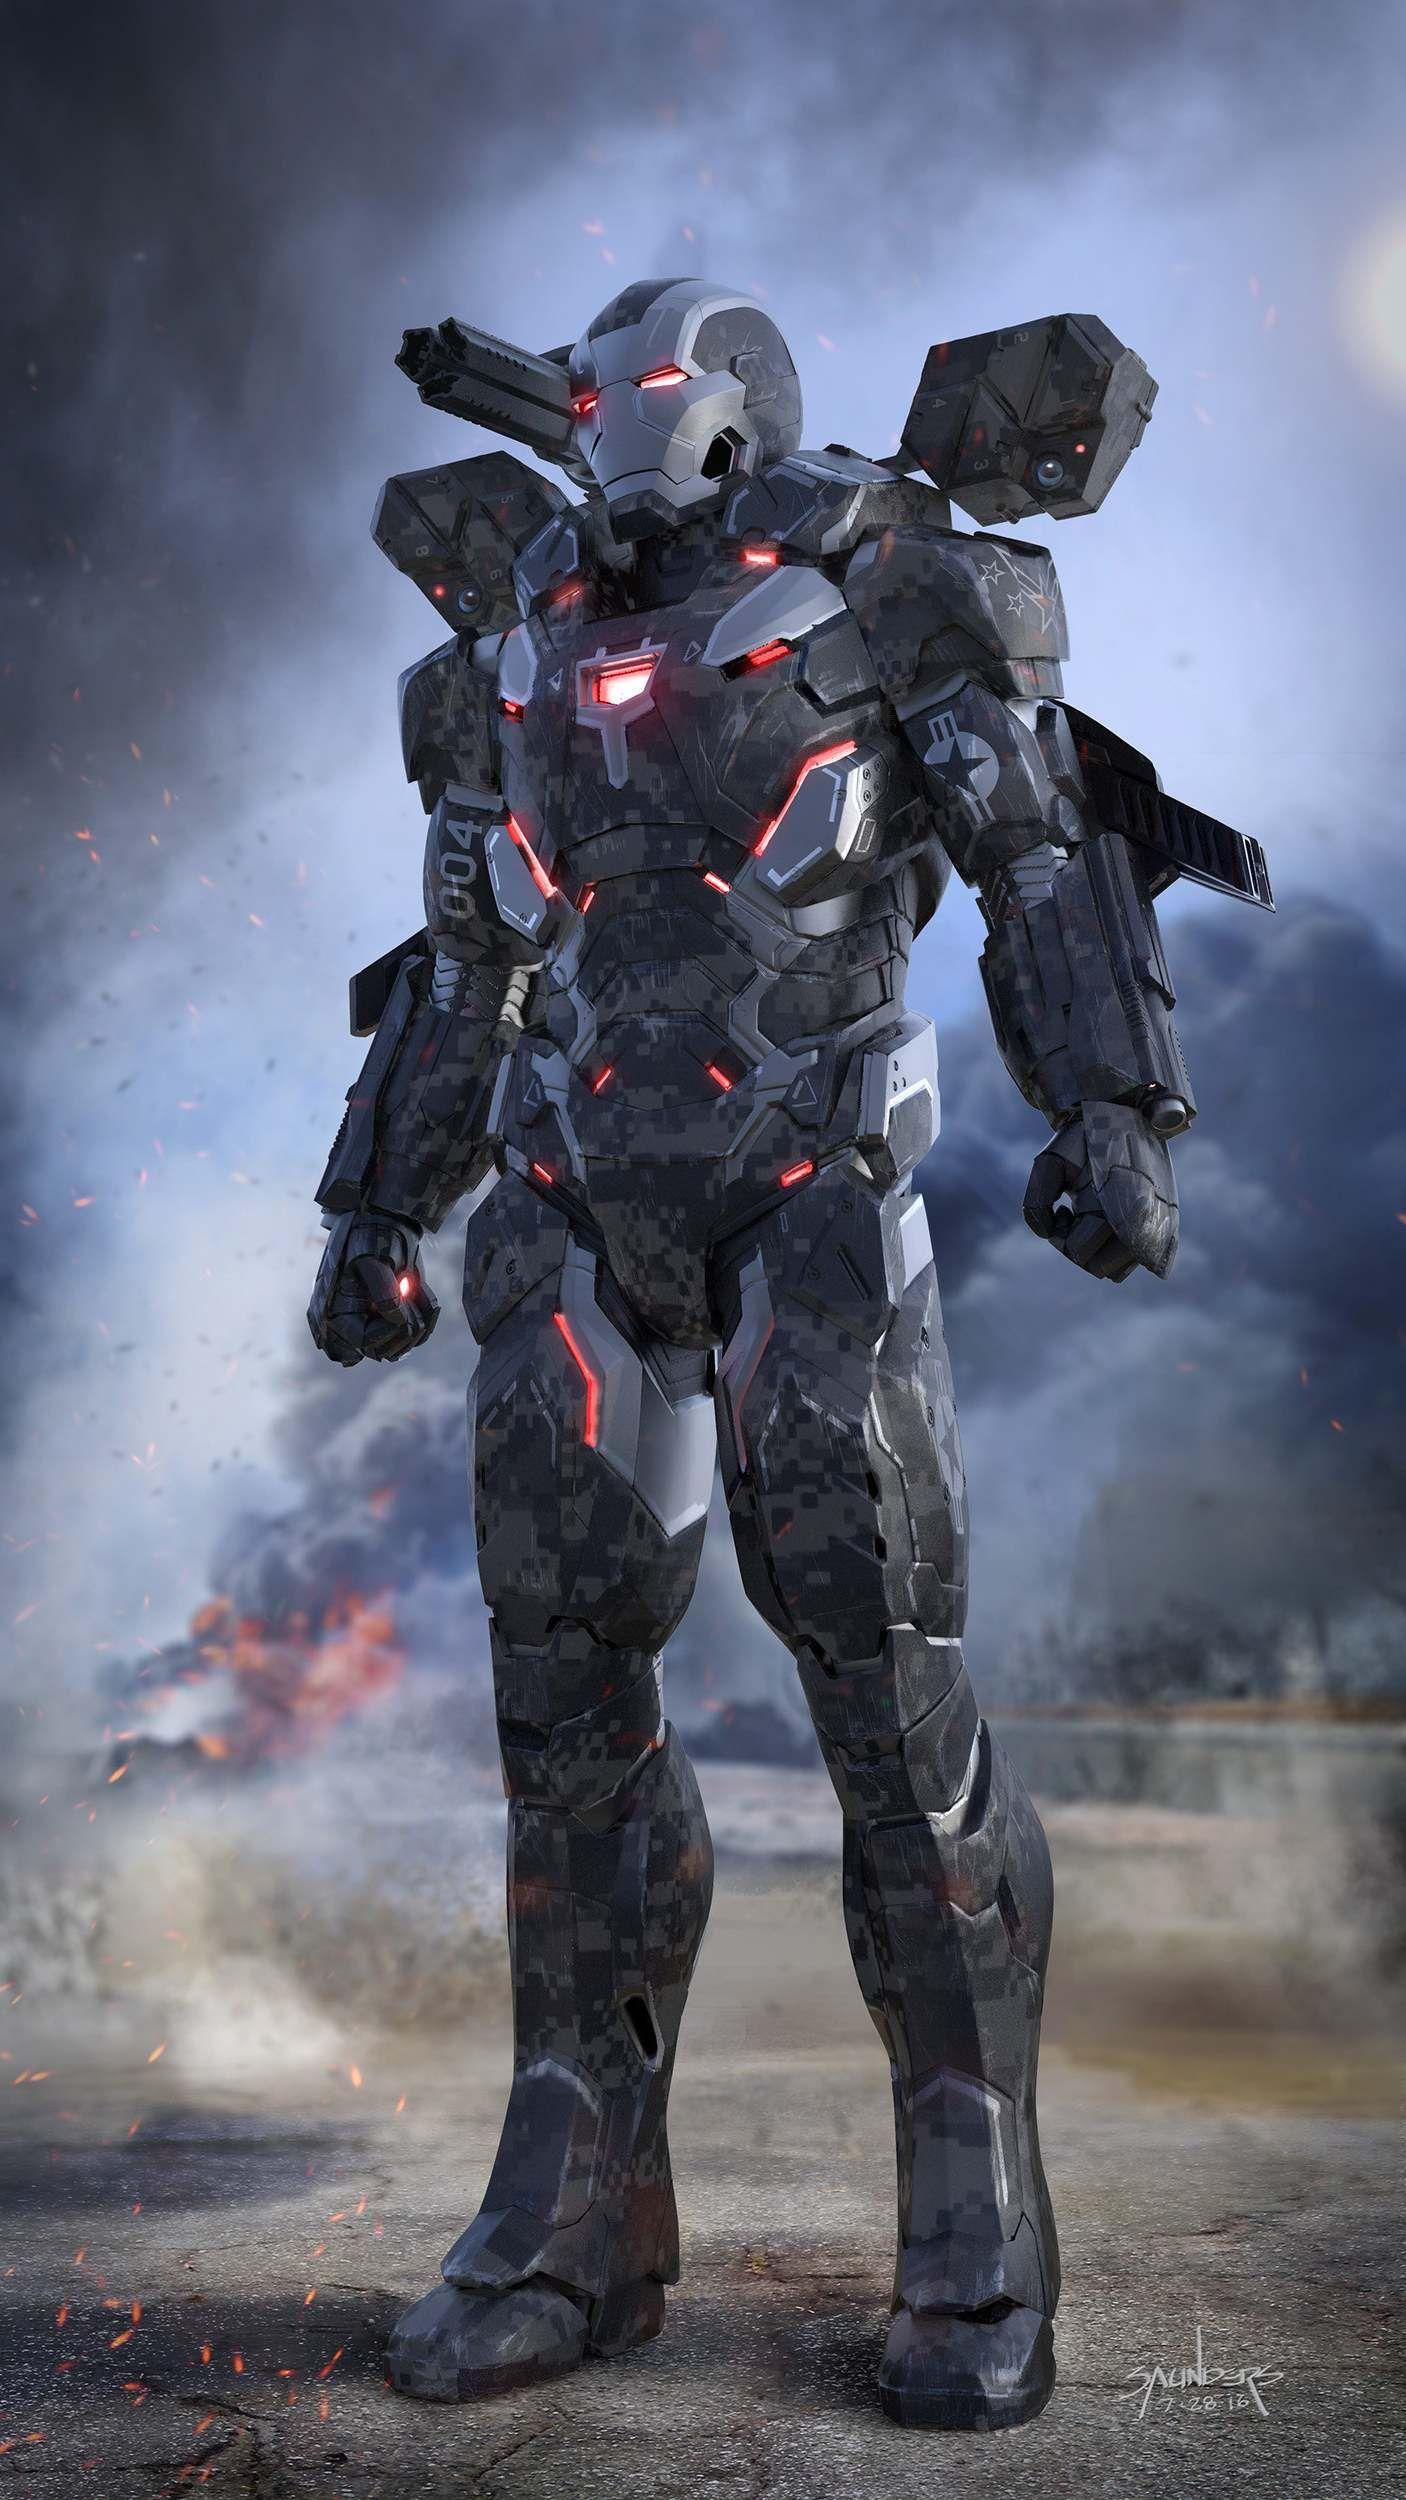 War Machine Armor Mark 4 Avengers Endgame iPhone Wallpaper